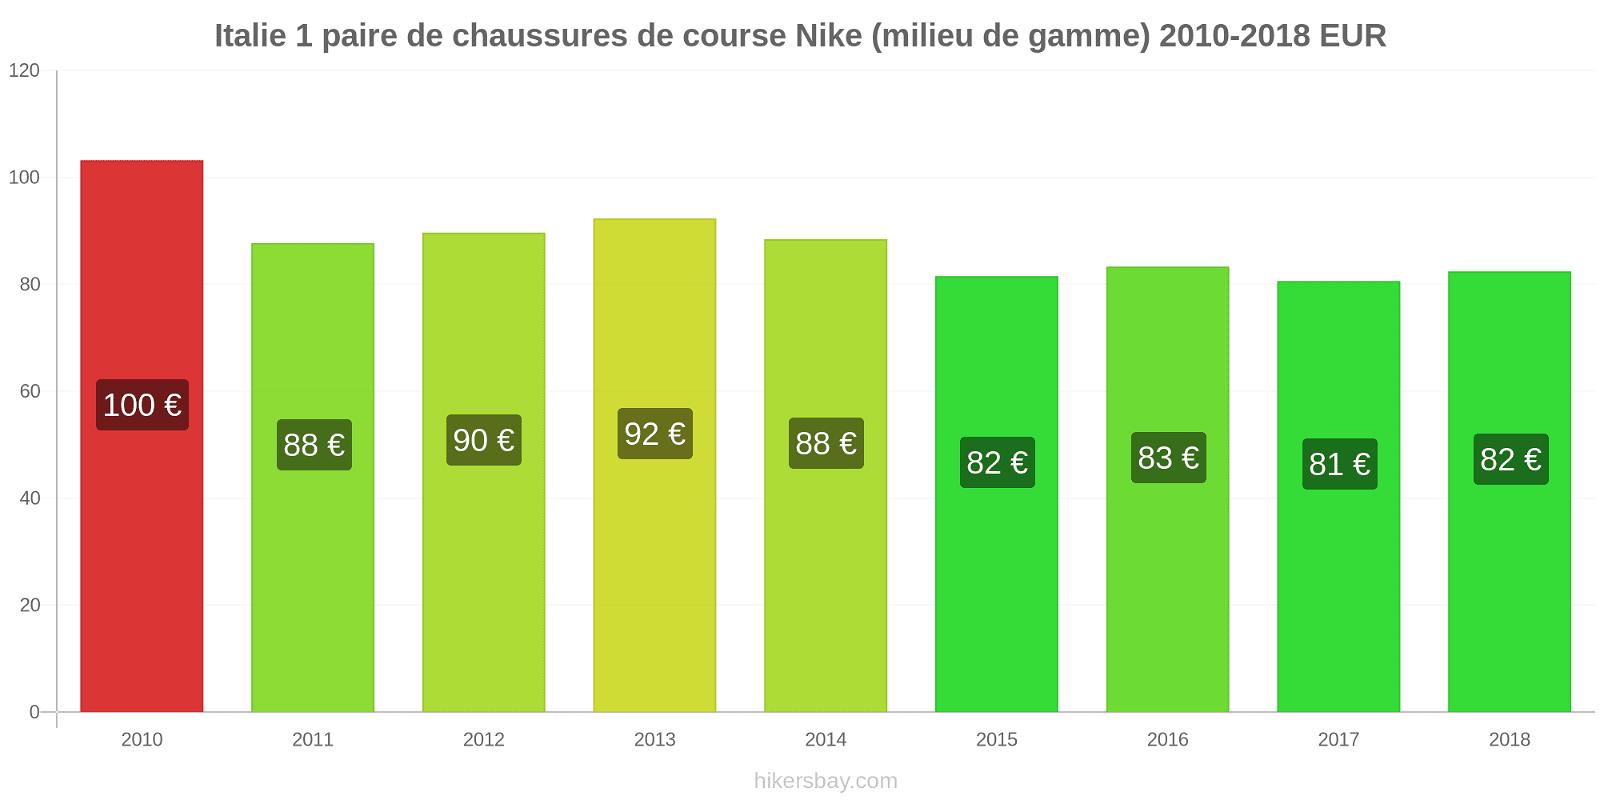 Italie changements de prix 1 paire de chaussures de course Nike (milieu de gamme) hikersbay.com